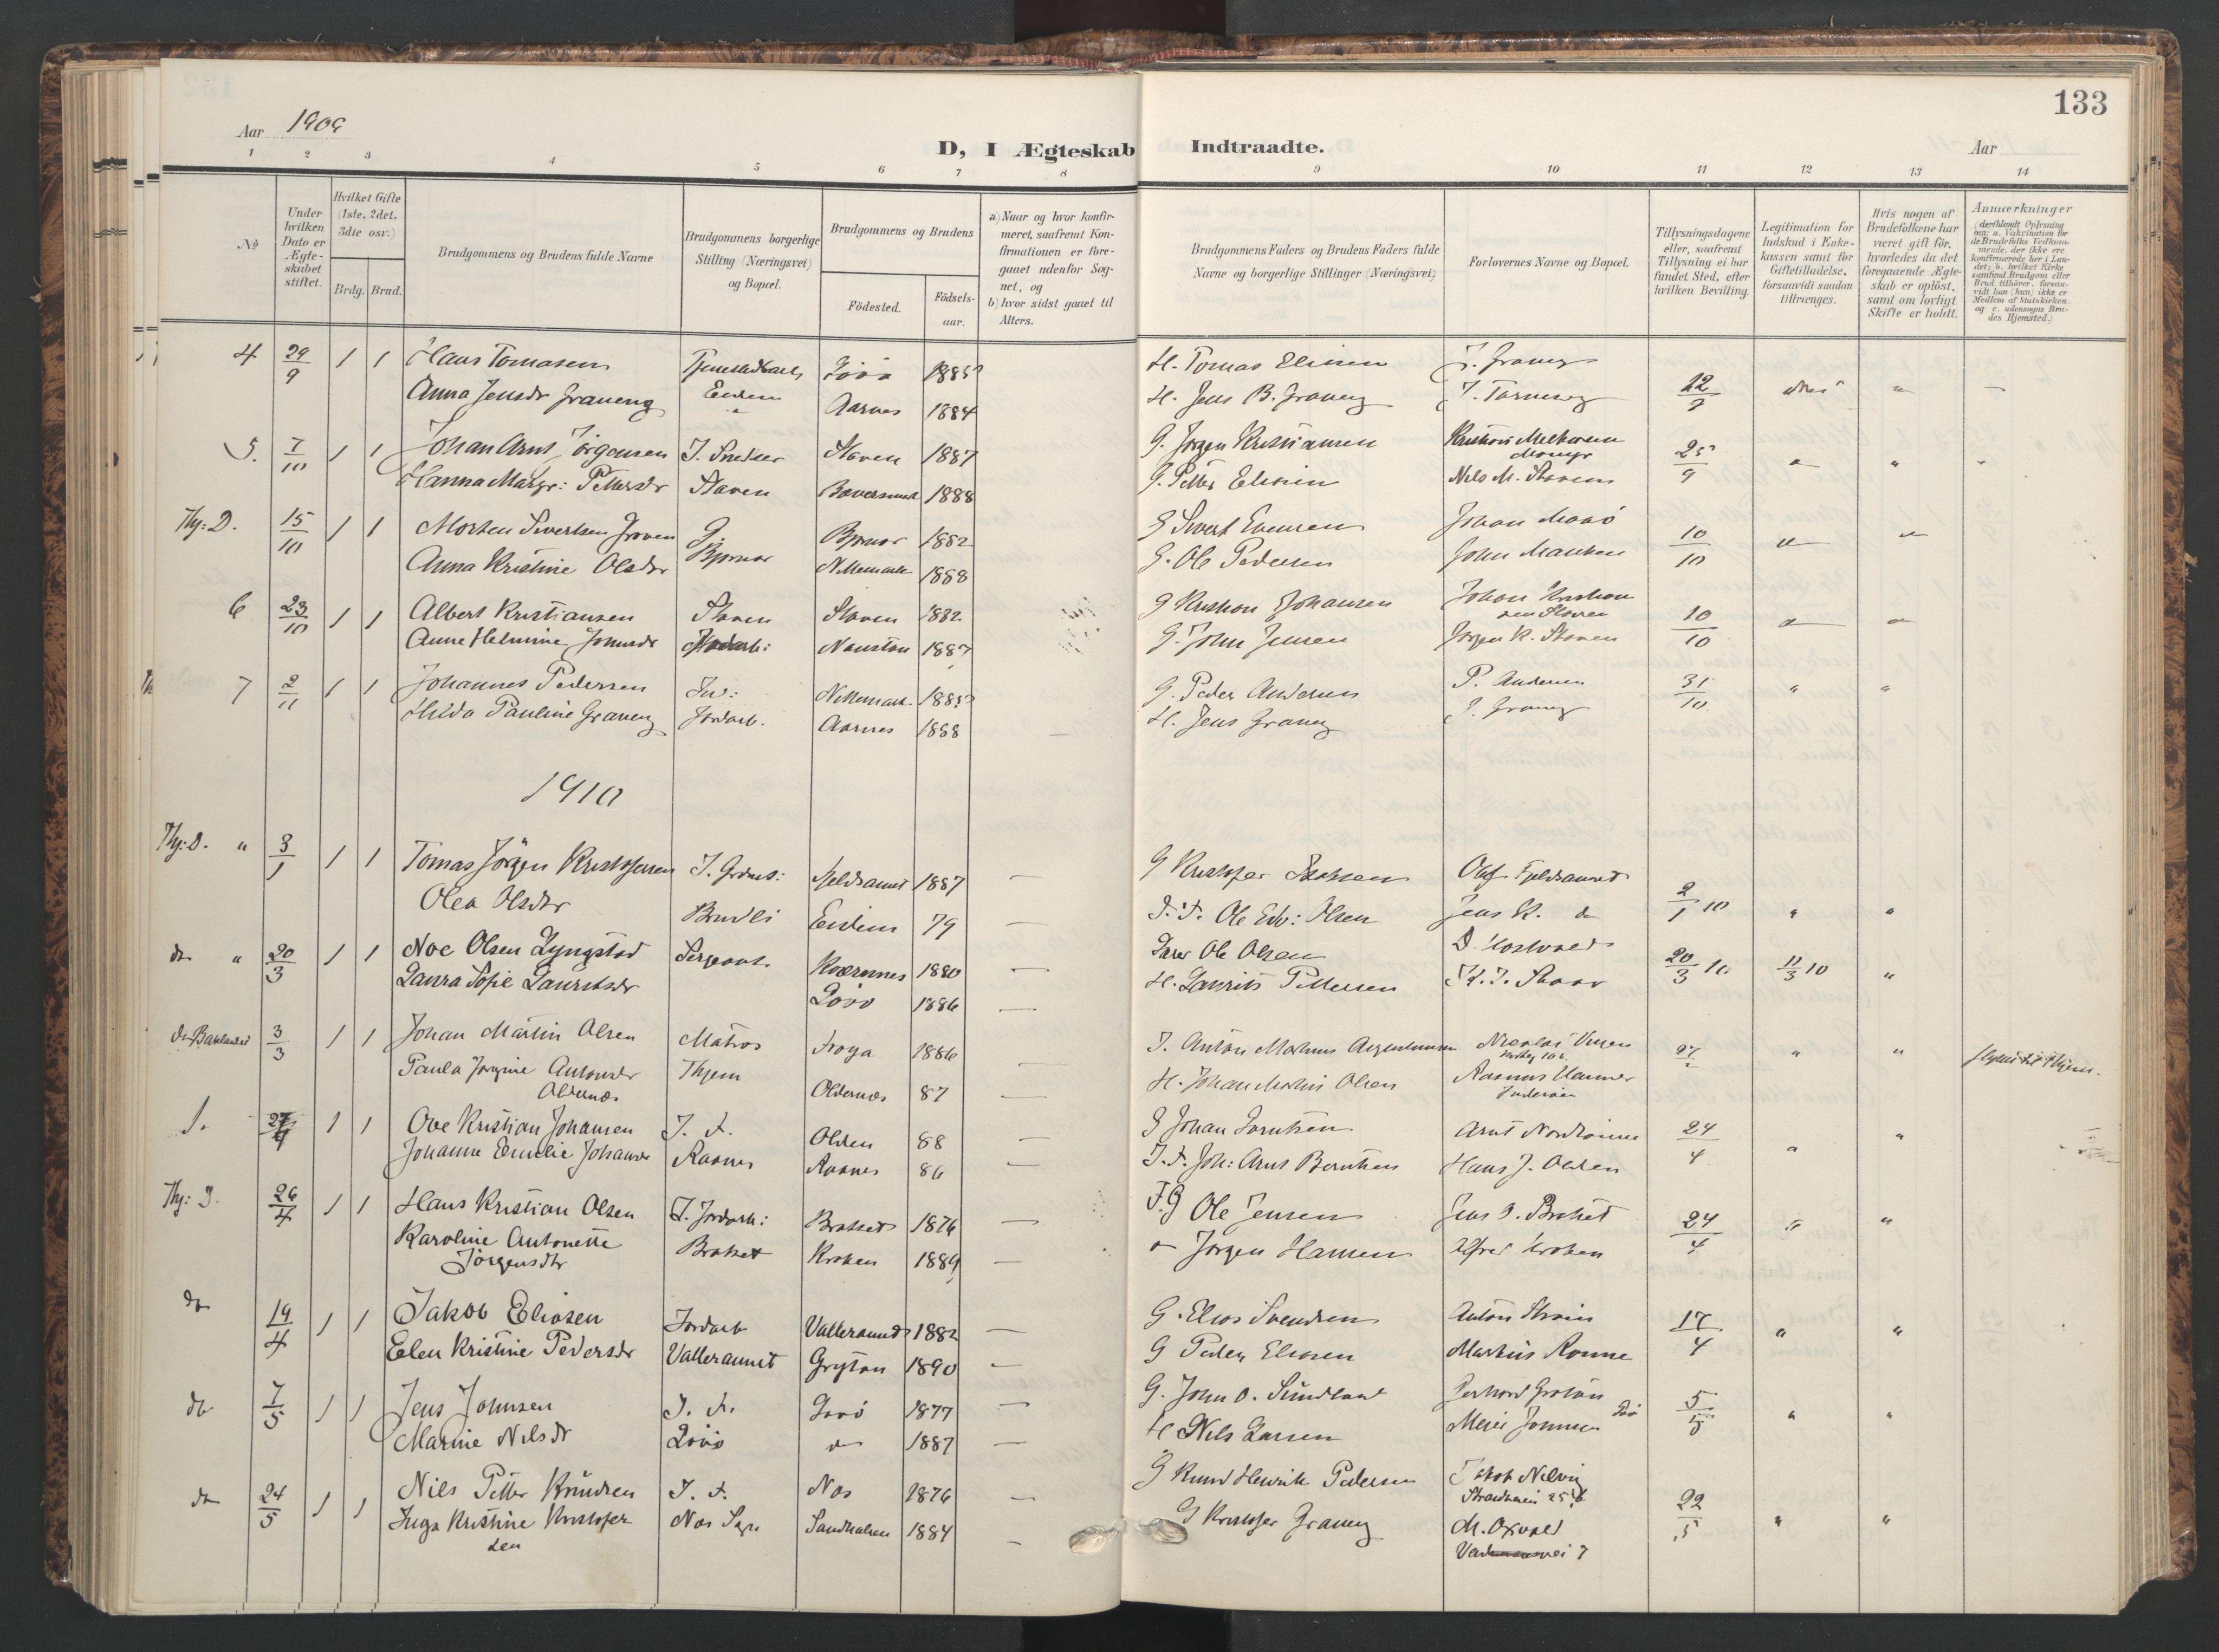 SAT, Ministerialprotokoller, klokkerbøker og fødselsregistre - Sør-Trøndelag, 655/L0682: Ministerialbok nr. 655A11, 1908-1922, s. 133